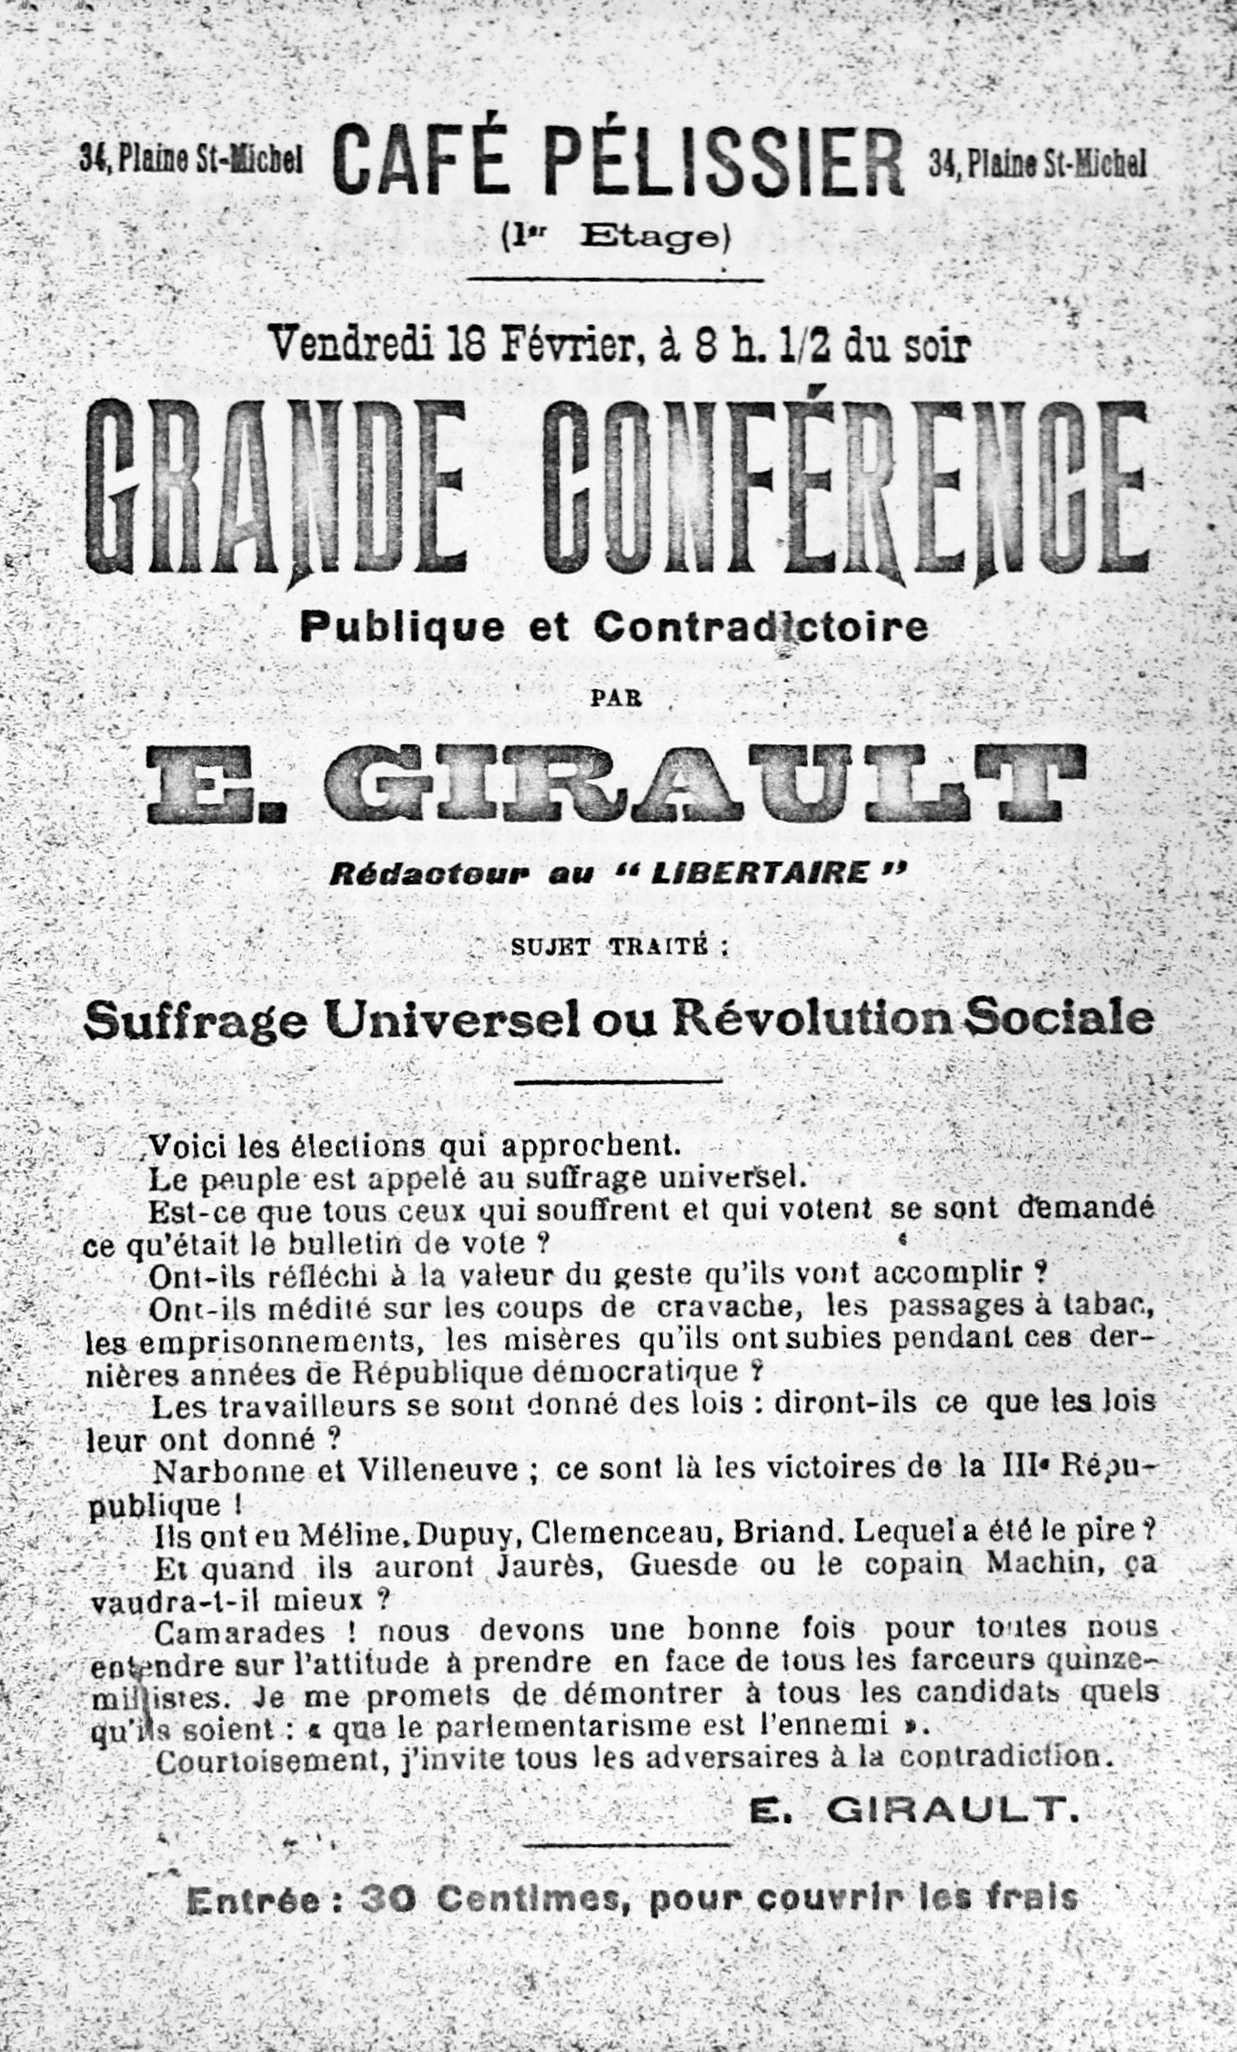 Octaveta anunciant la conferència de Girault